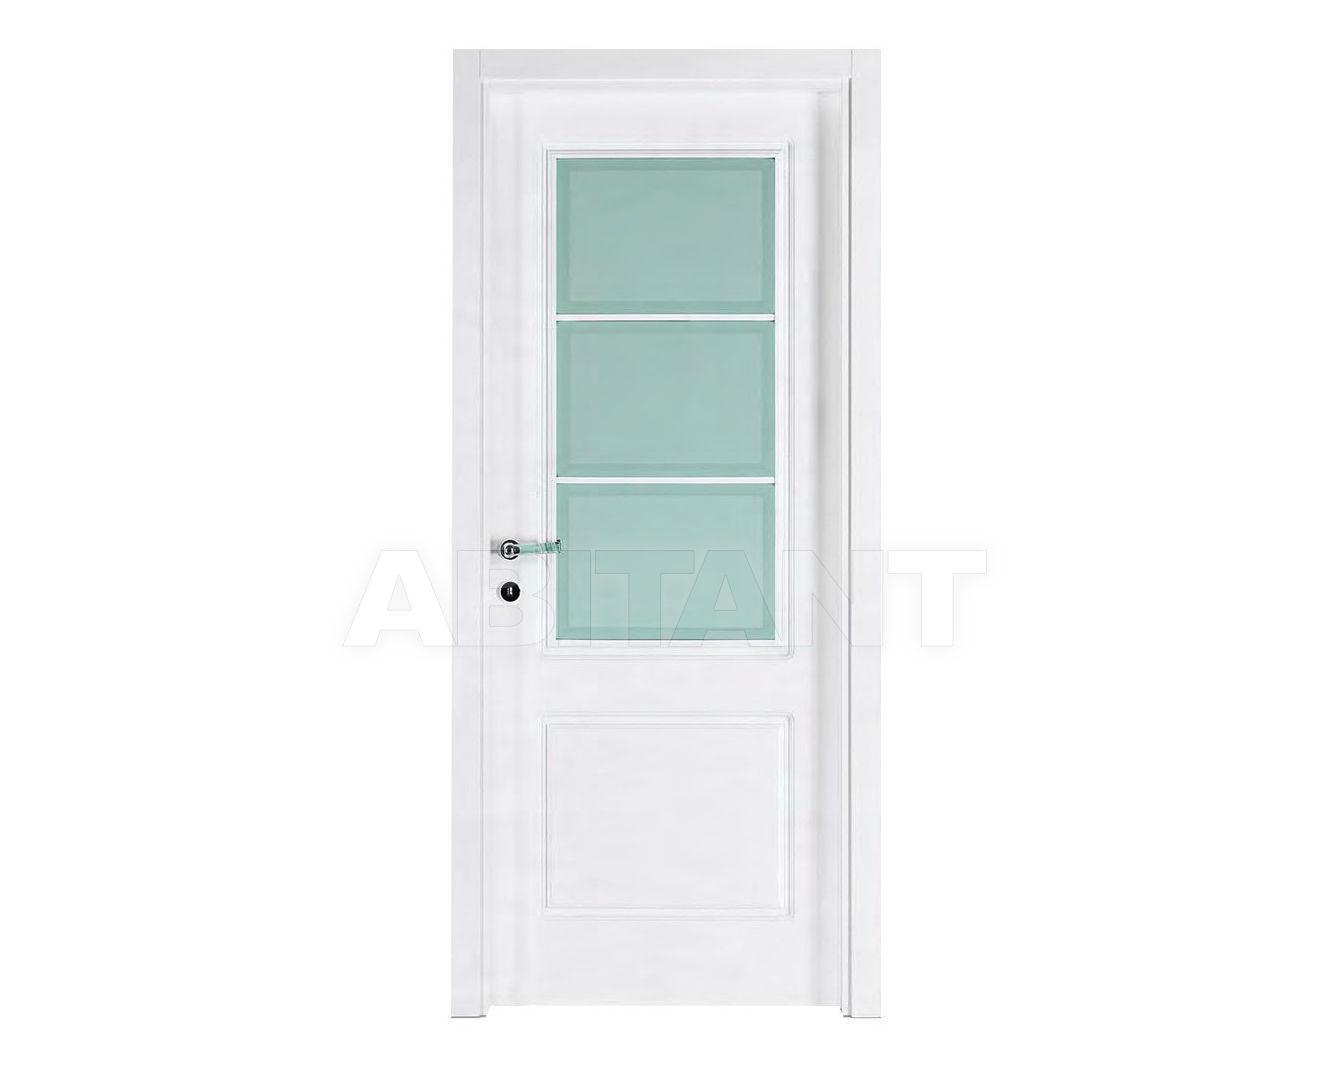 Купить Дверь деревянная Fioravazzi Pantografate PARIZIA 27  TRAVERSINI